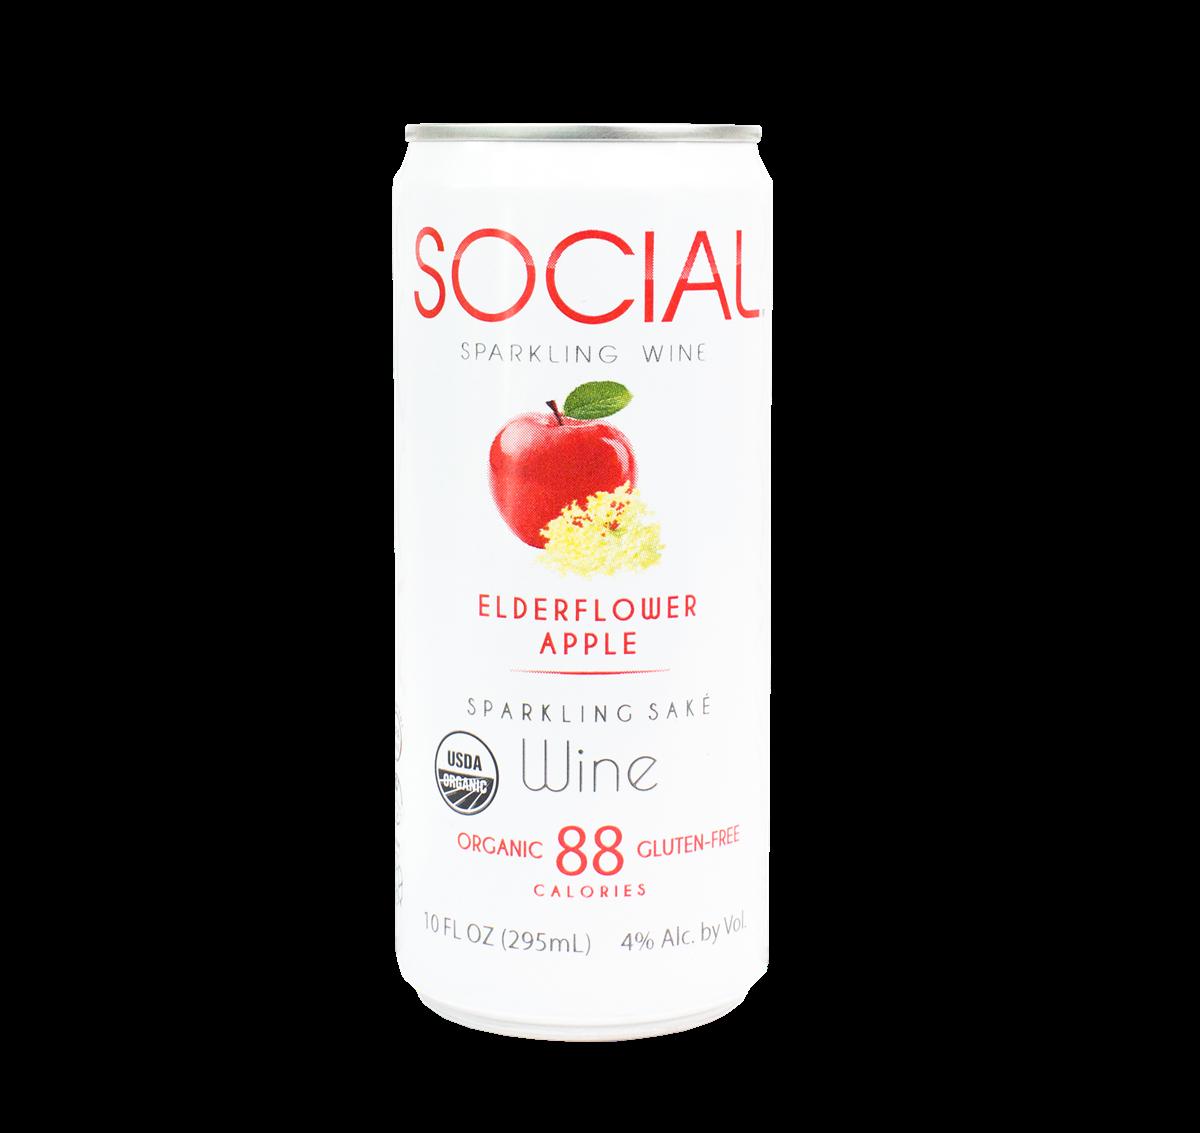 SOCIAL Elderflower Apple Sparkling Wine